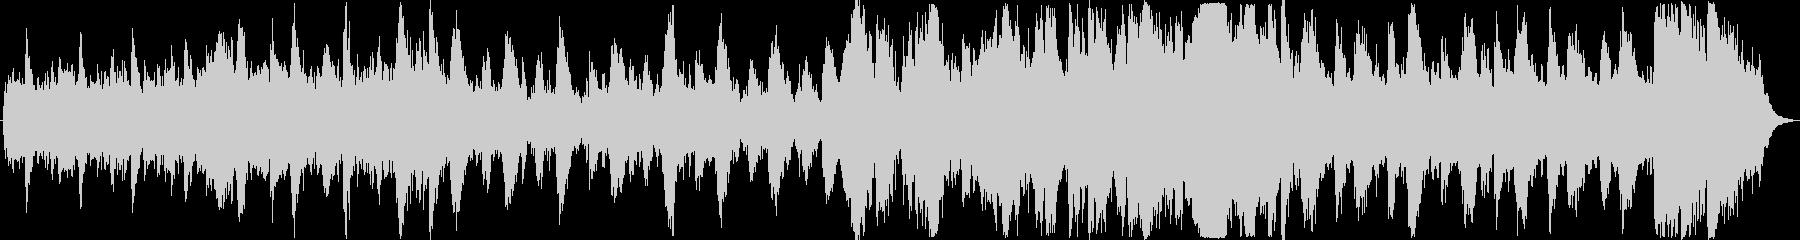 壮大なオーケストラ楽曲の未再生の波形